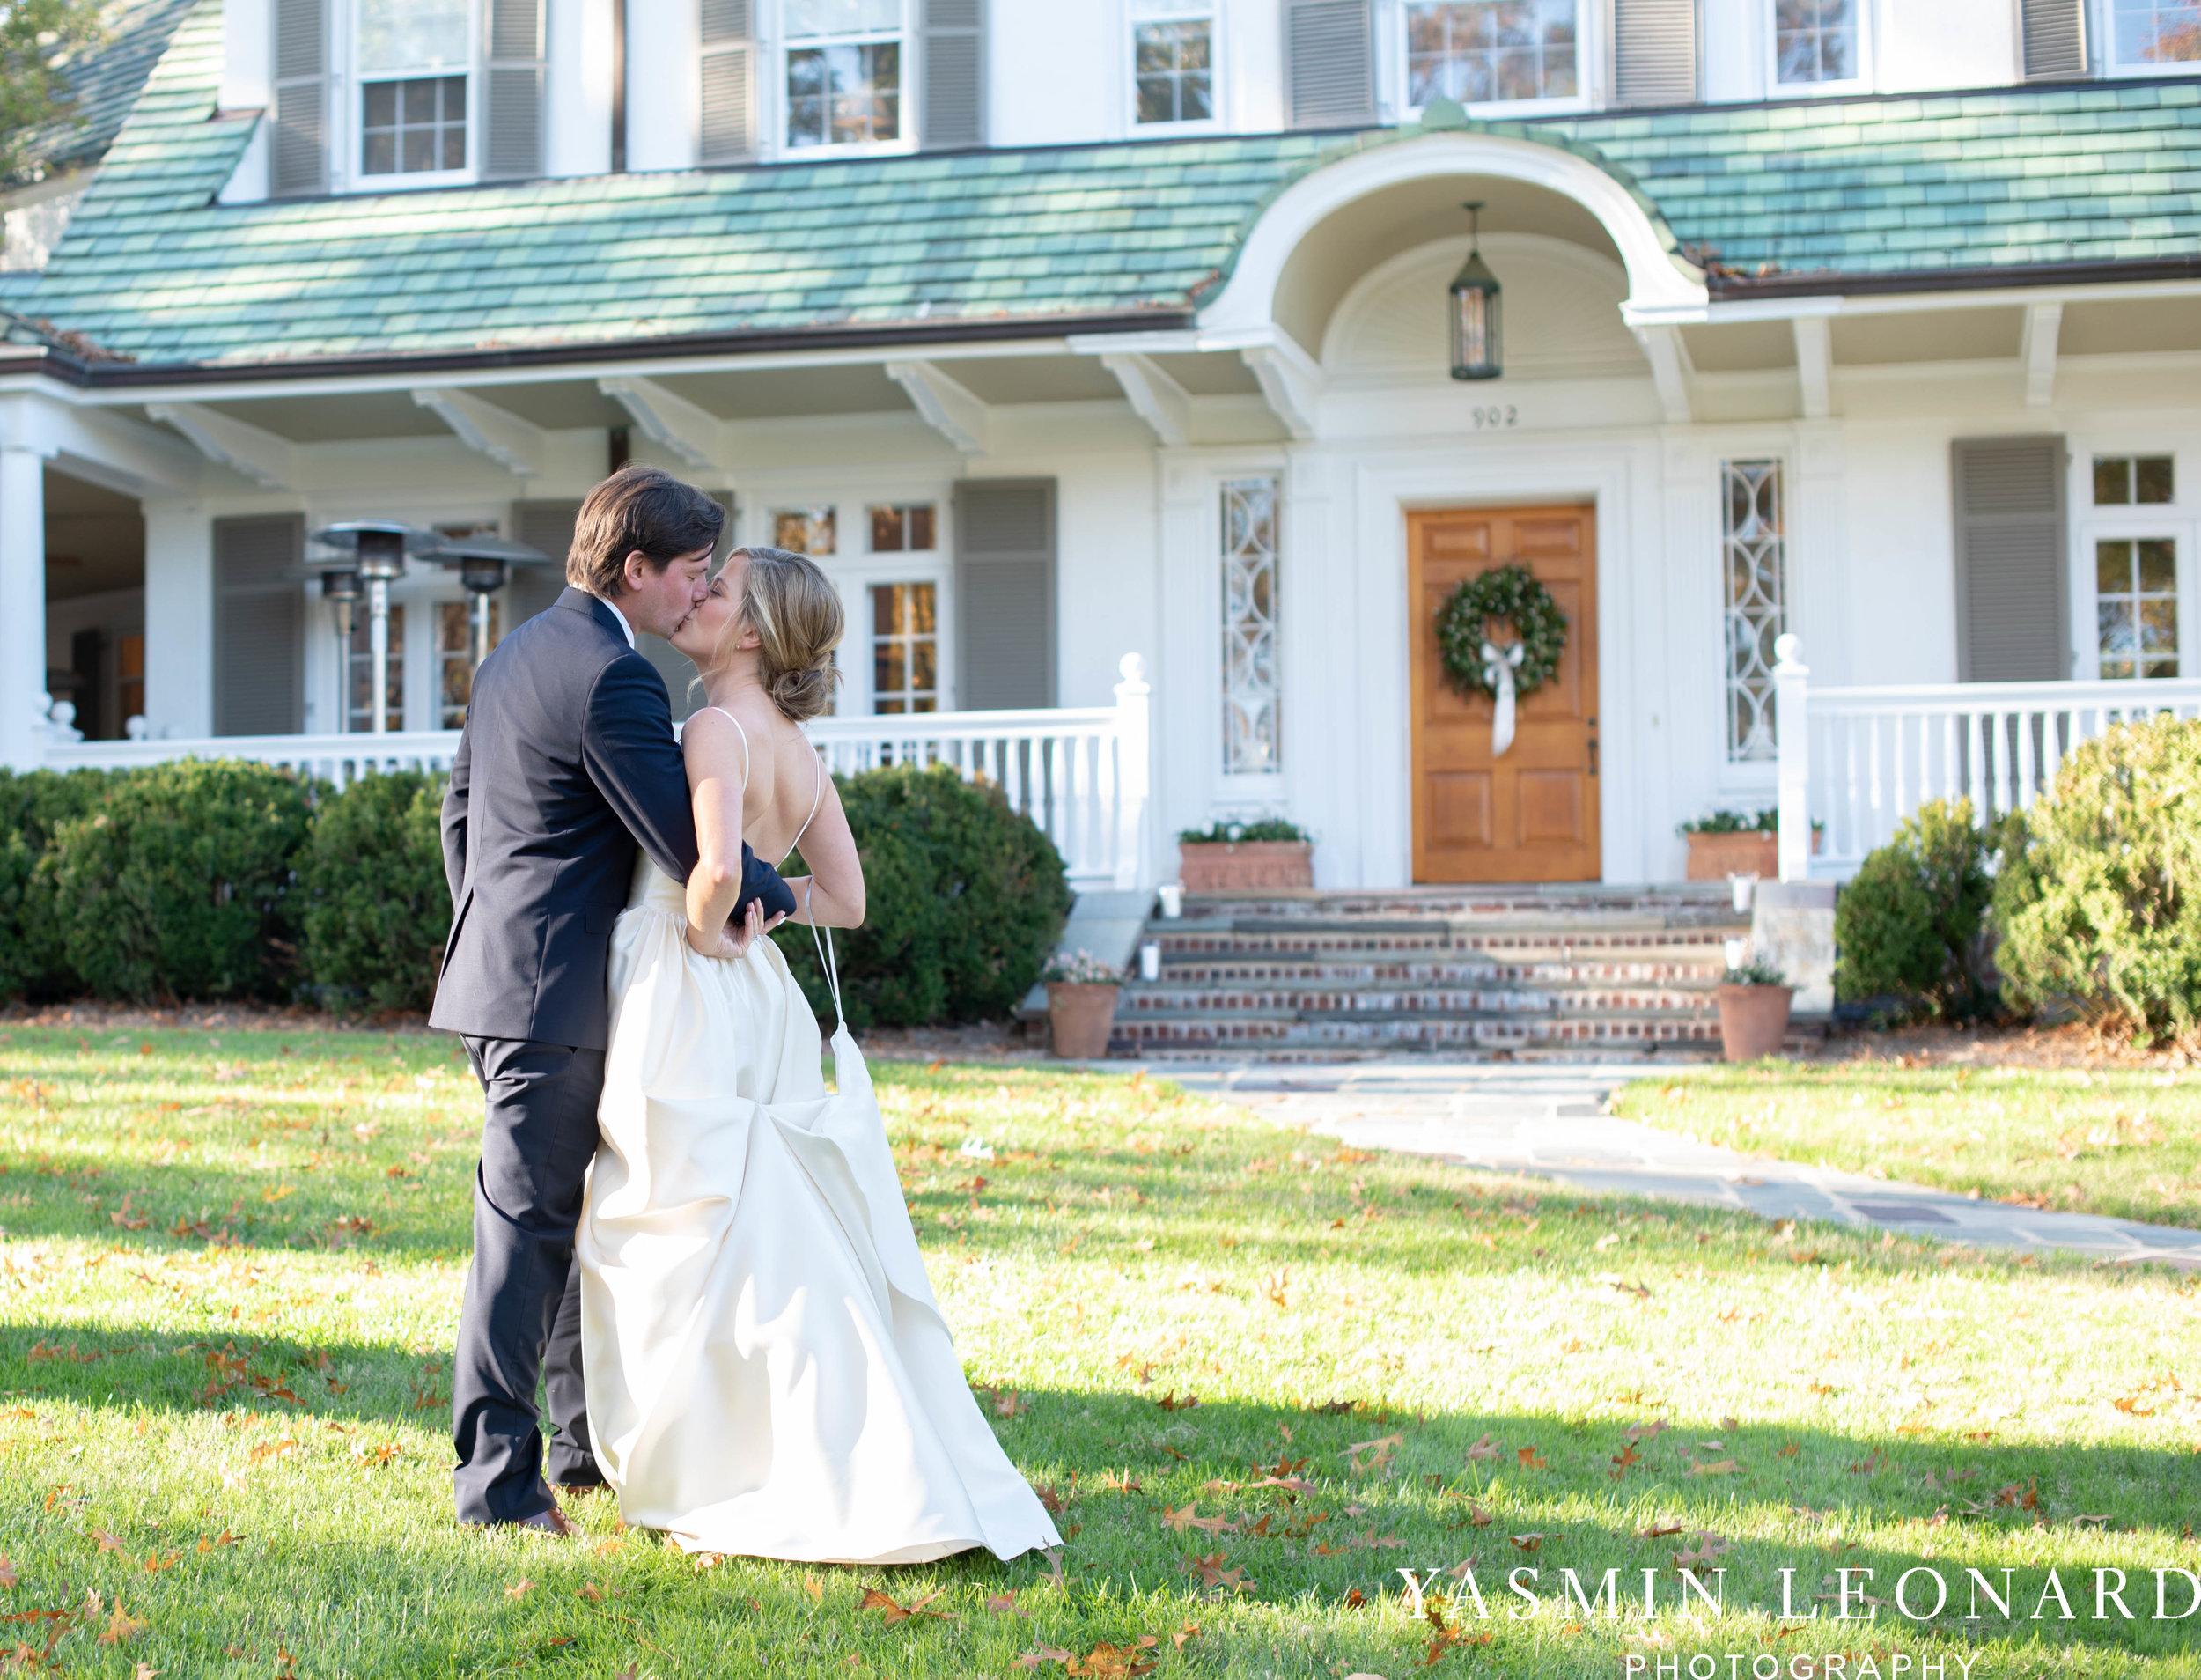 Wesley Memorial United Methodist Church - EmeryWood - High Point Weddings - High Point Wedding Photographer - NC Wedding Photographer - Yasmin Leonard Photography-62.jpg